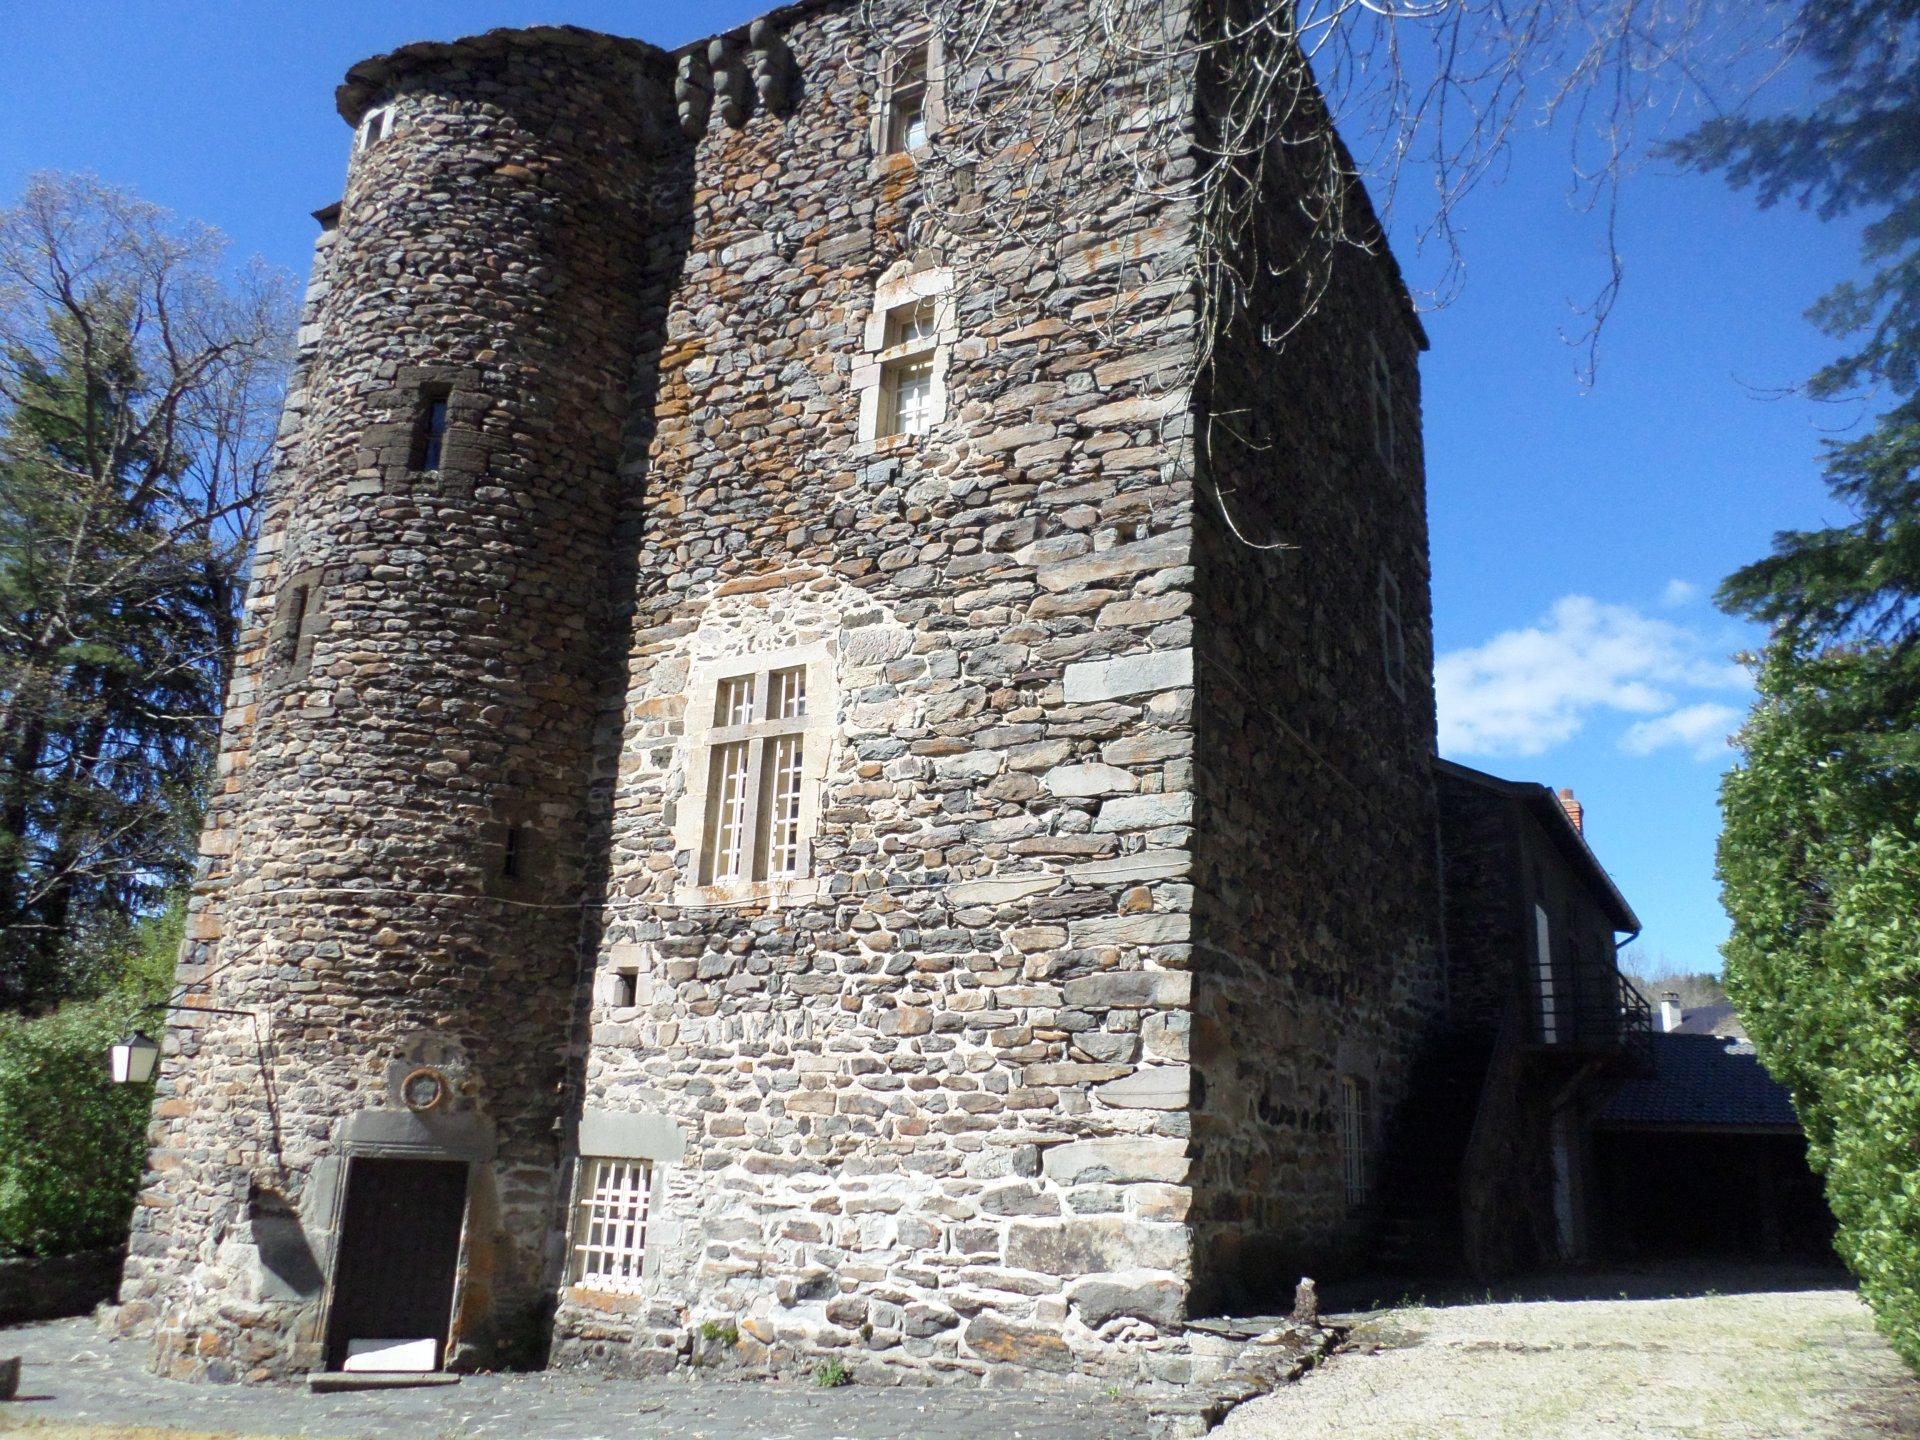 Maison Forte du XVième siècle